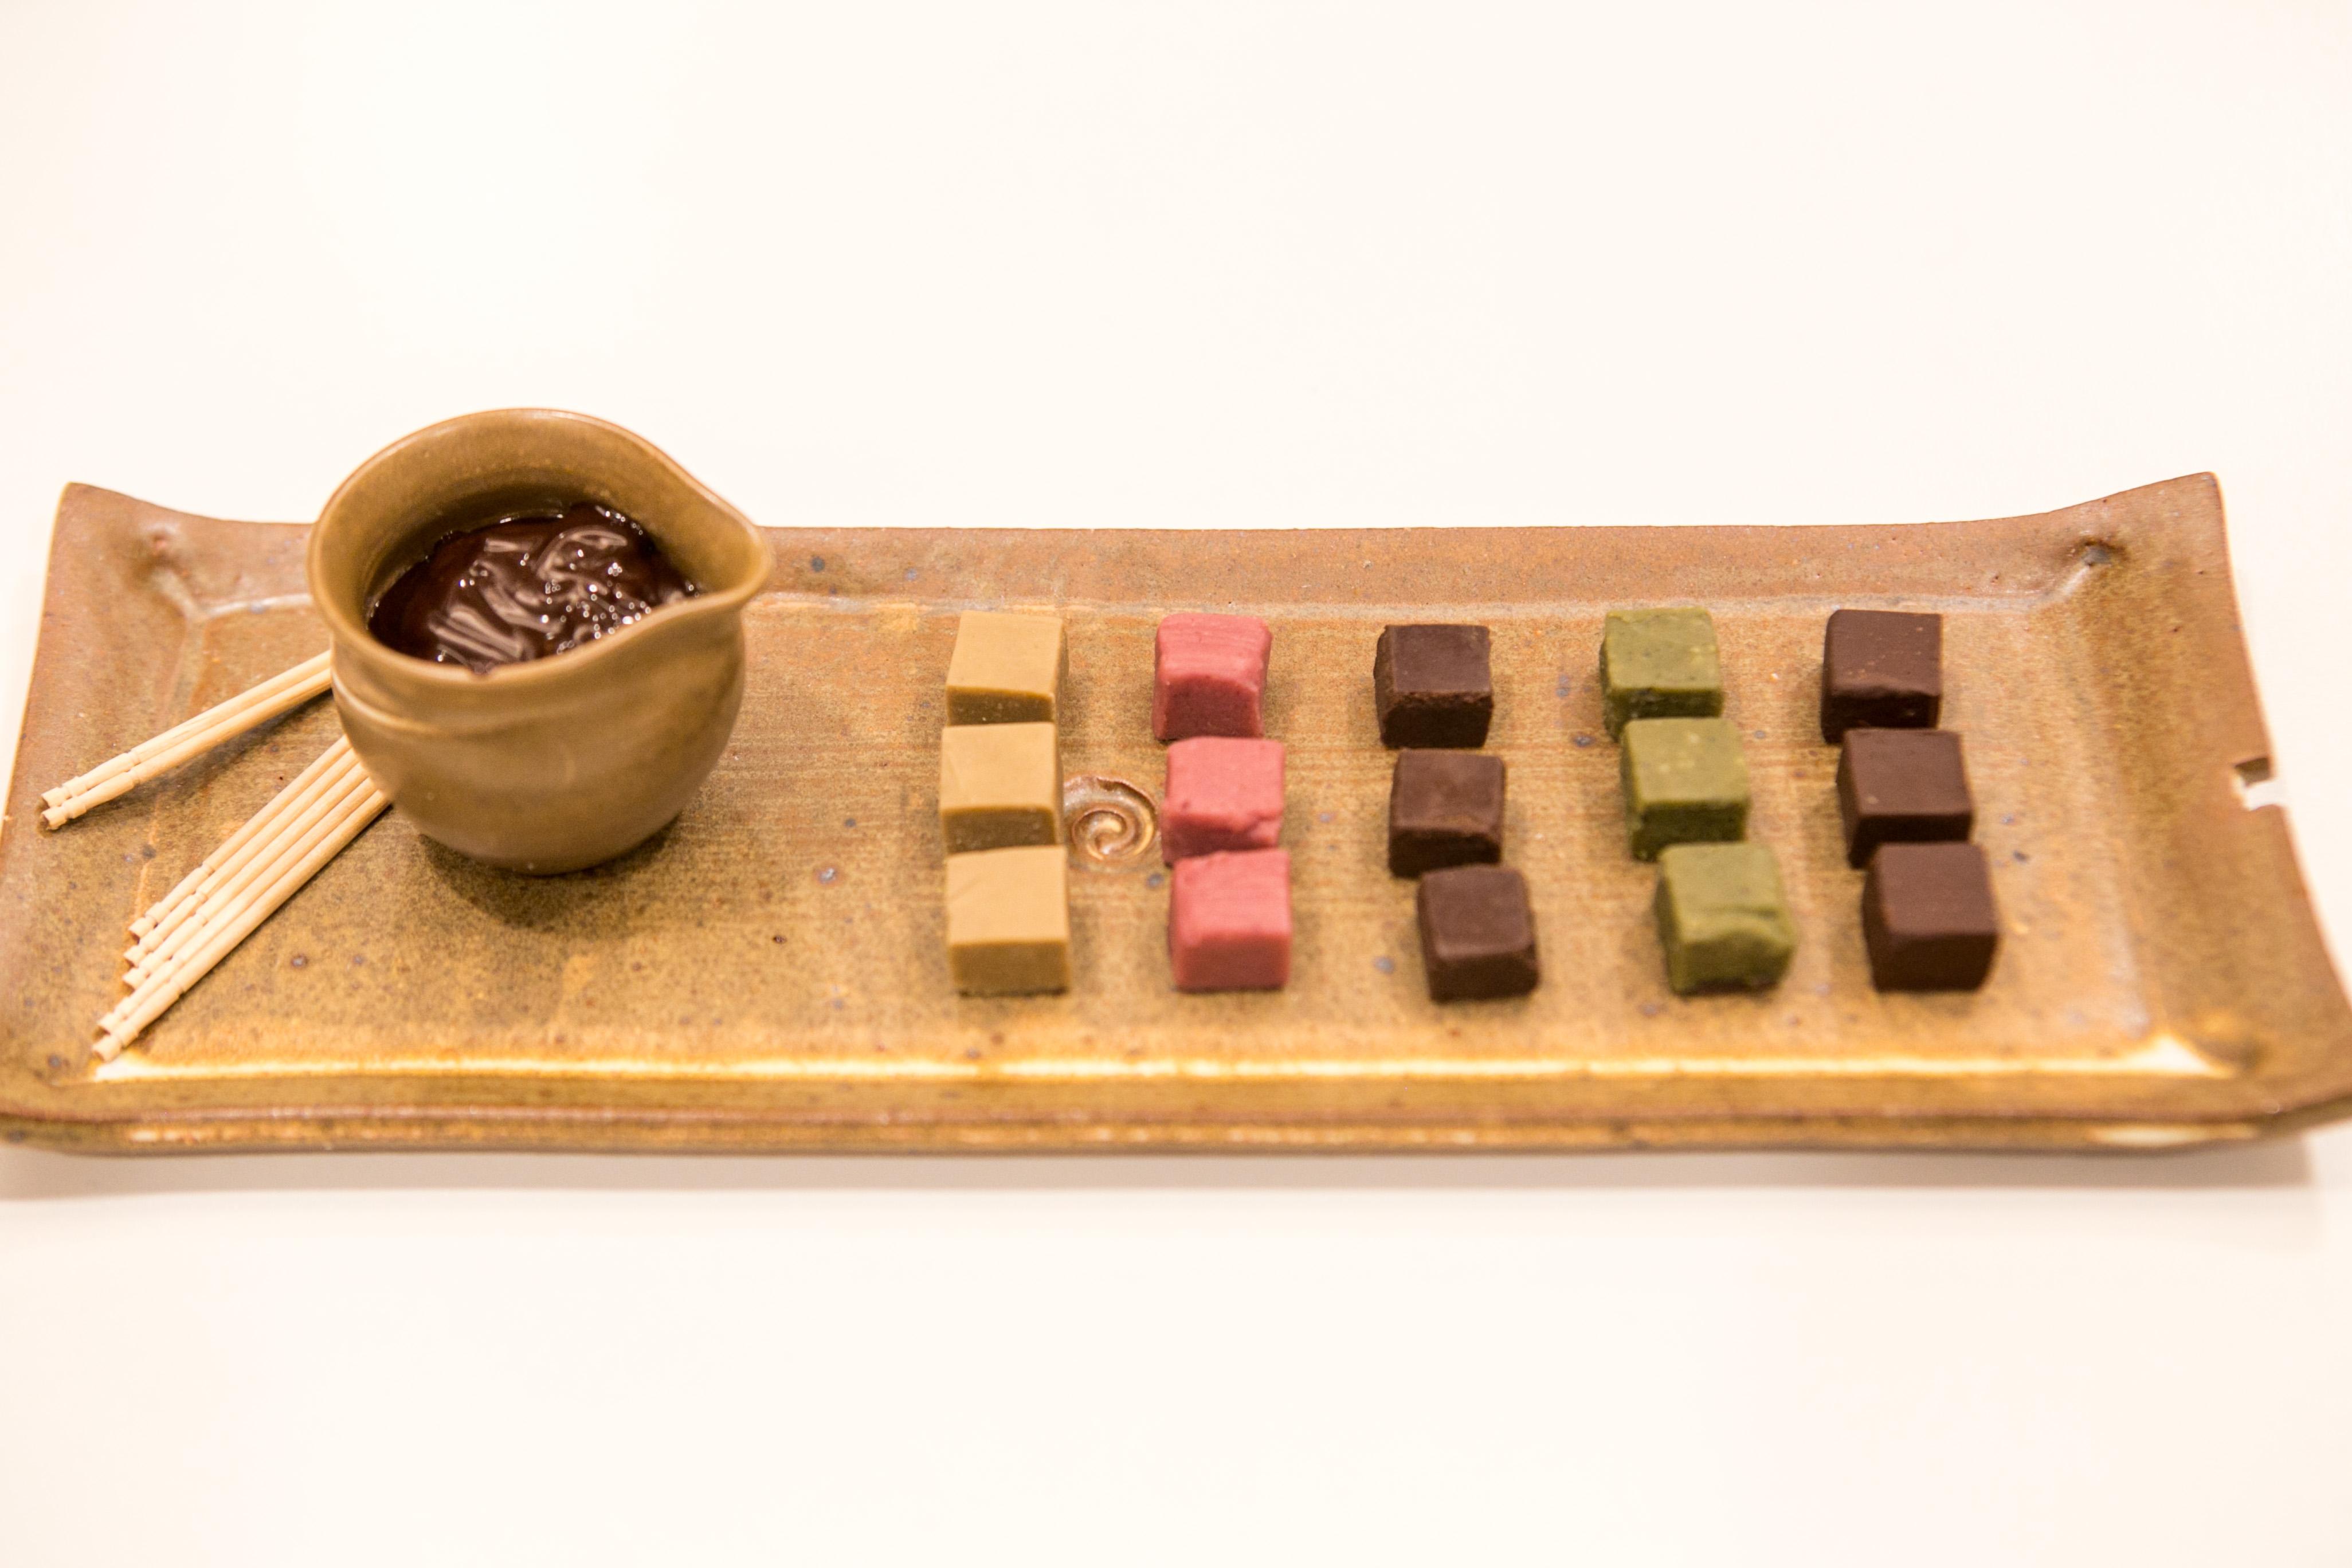 Chocolates artenasais da Flè Cacau & Oliva, vencedor do 1º Desafio Gastronômico de Startups